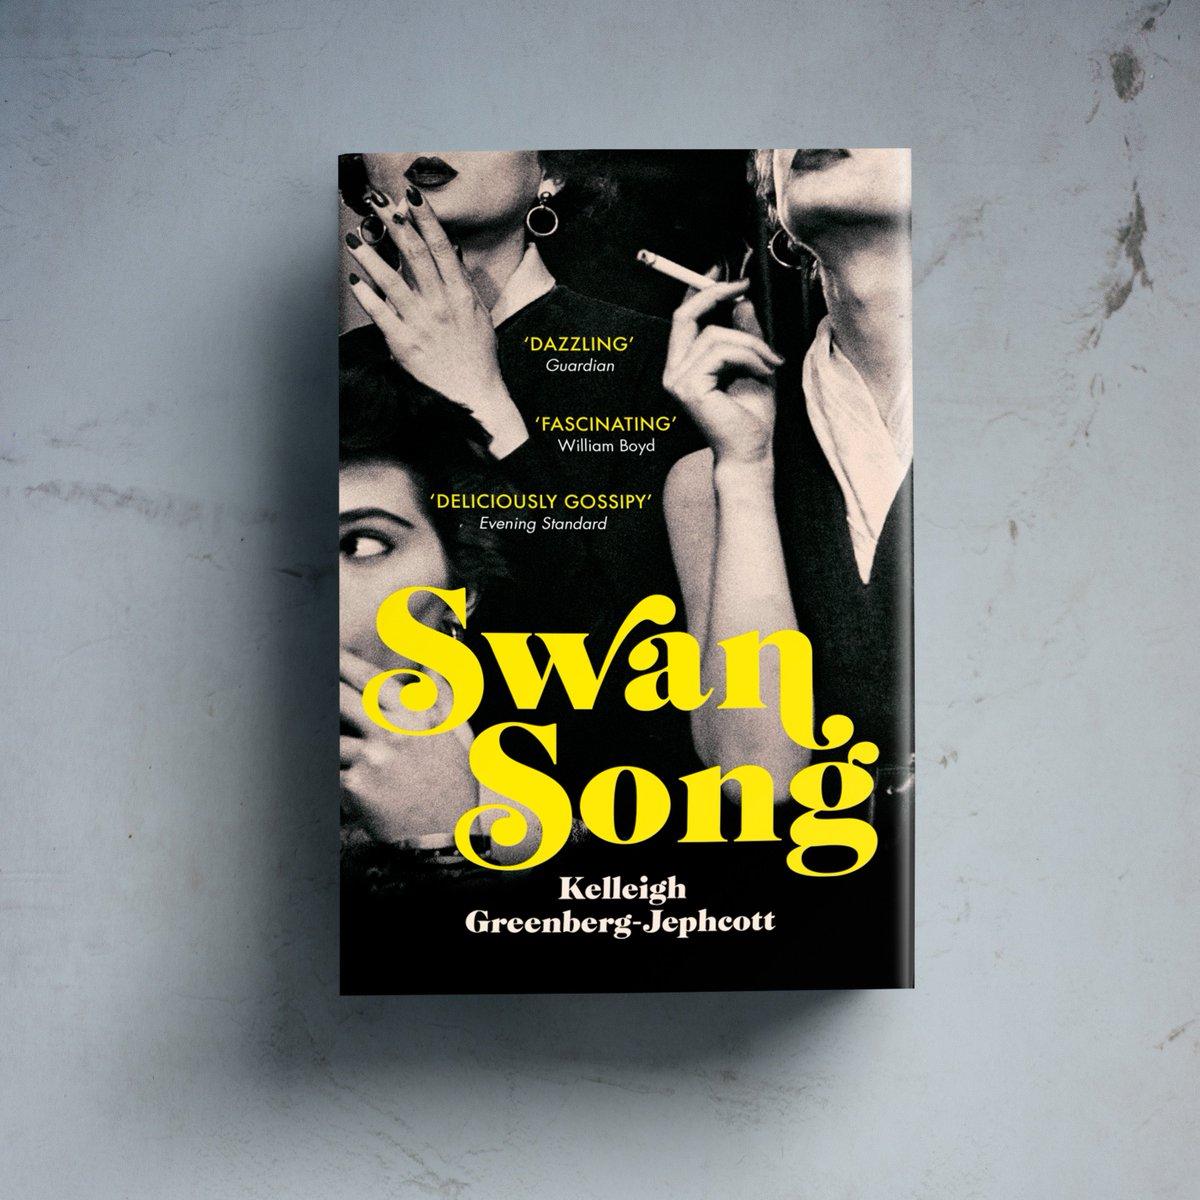 Penguin Books UK on Twitter: